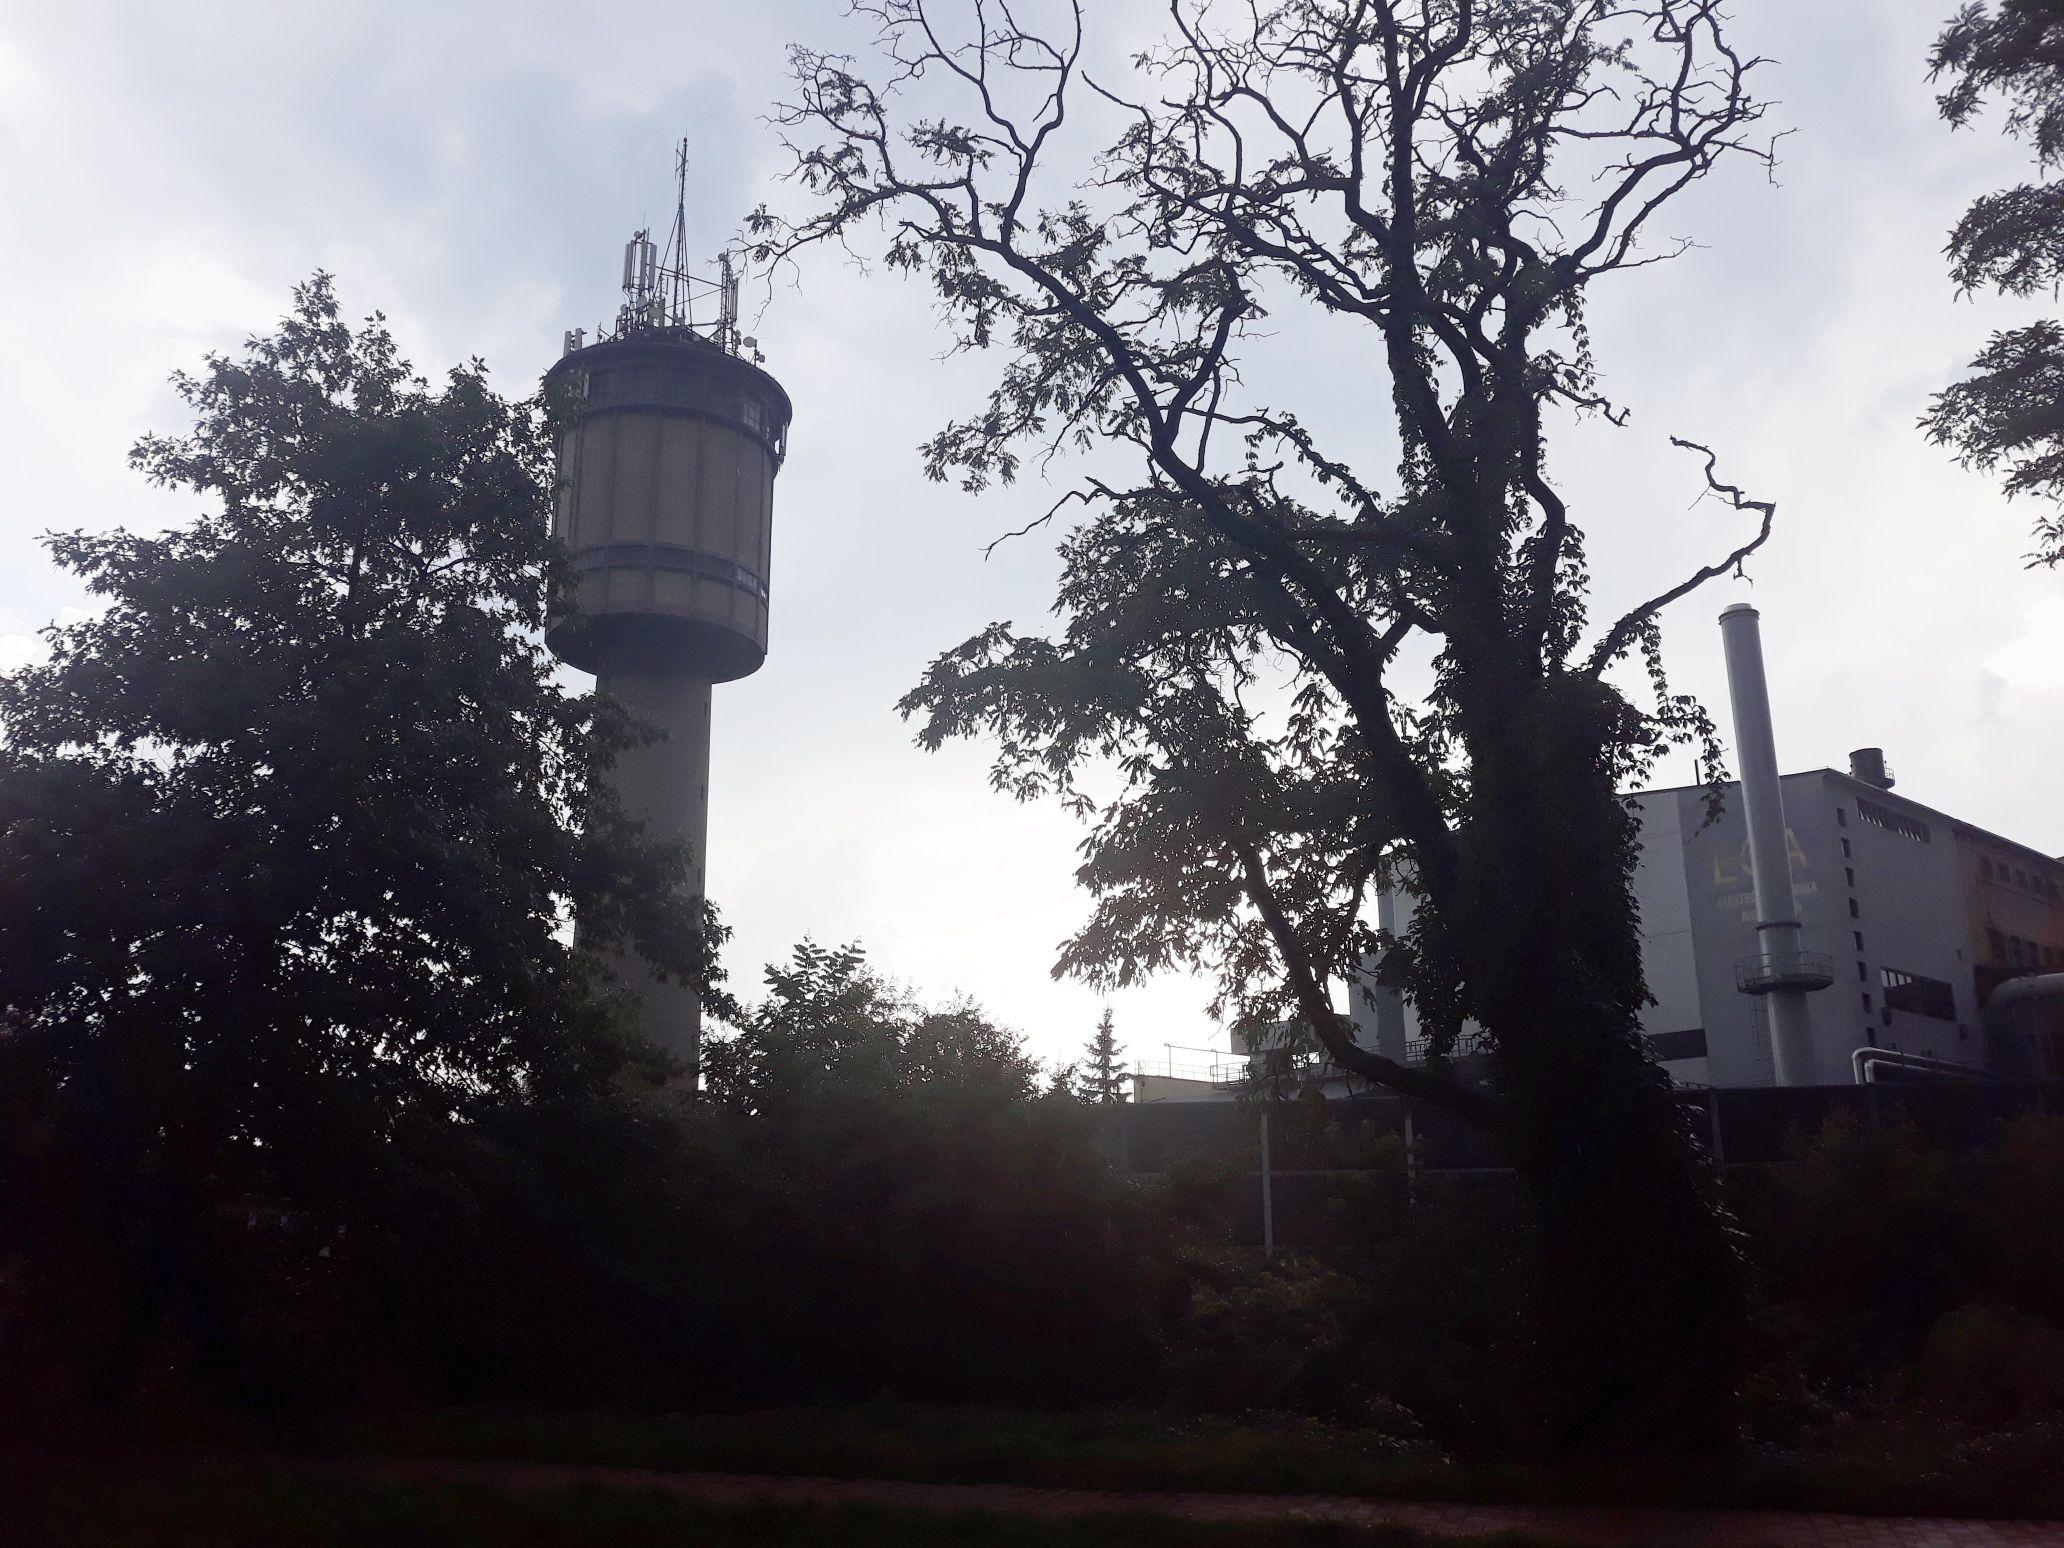 Firmy generują straty po odcięciu prądu. Dramatyczna sytuacja w Andrychowie